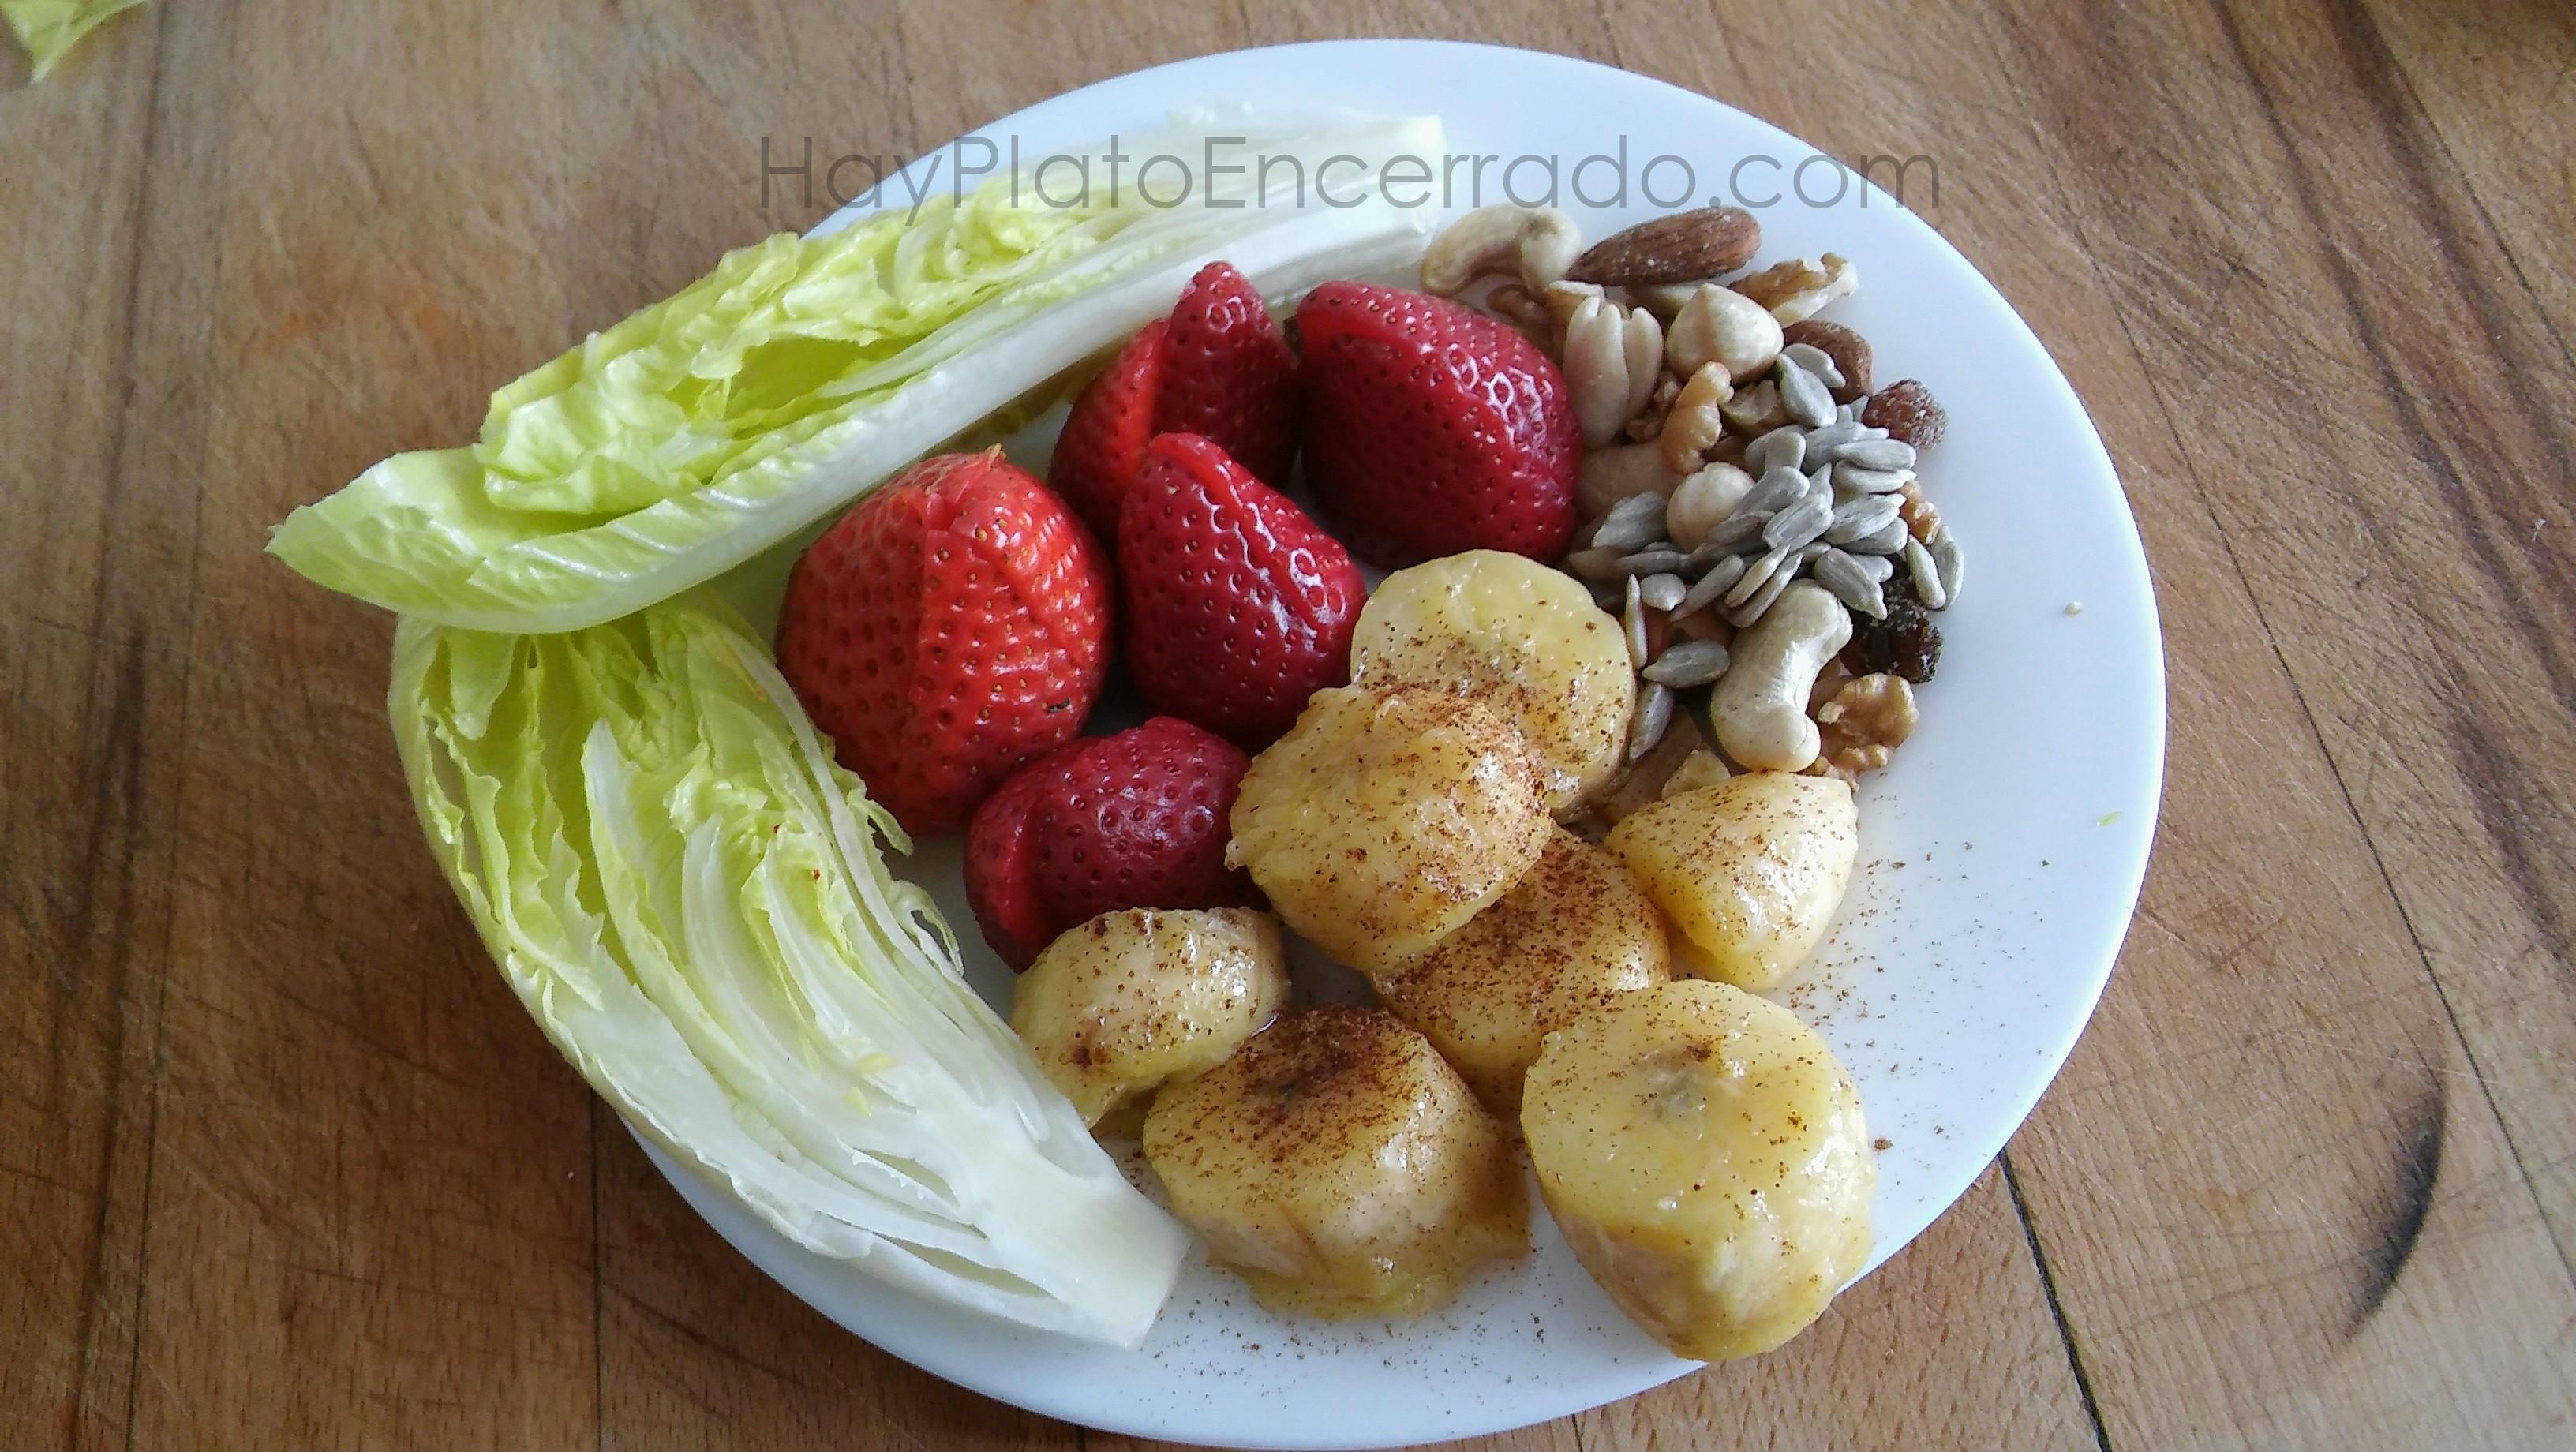 Platano plancha fresas frutos secos lechuga